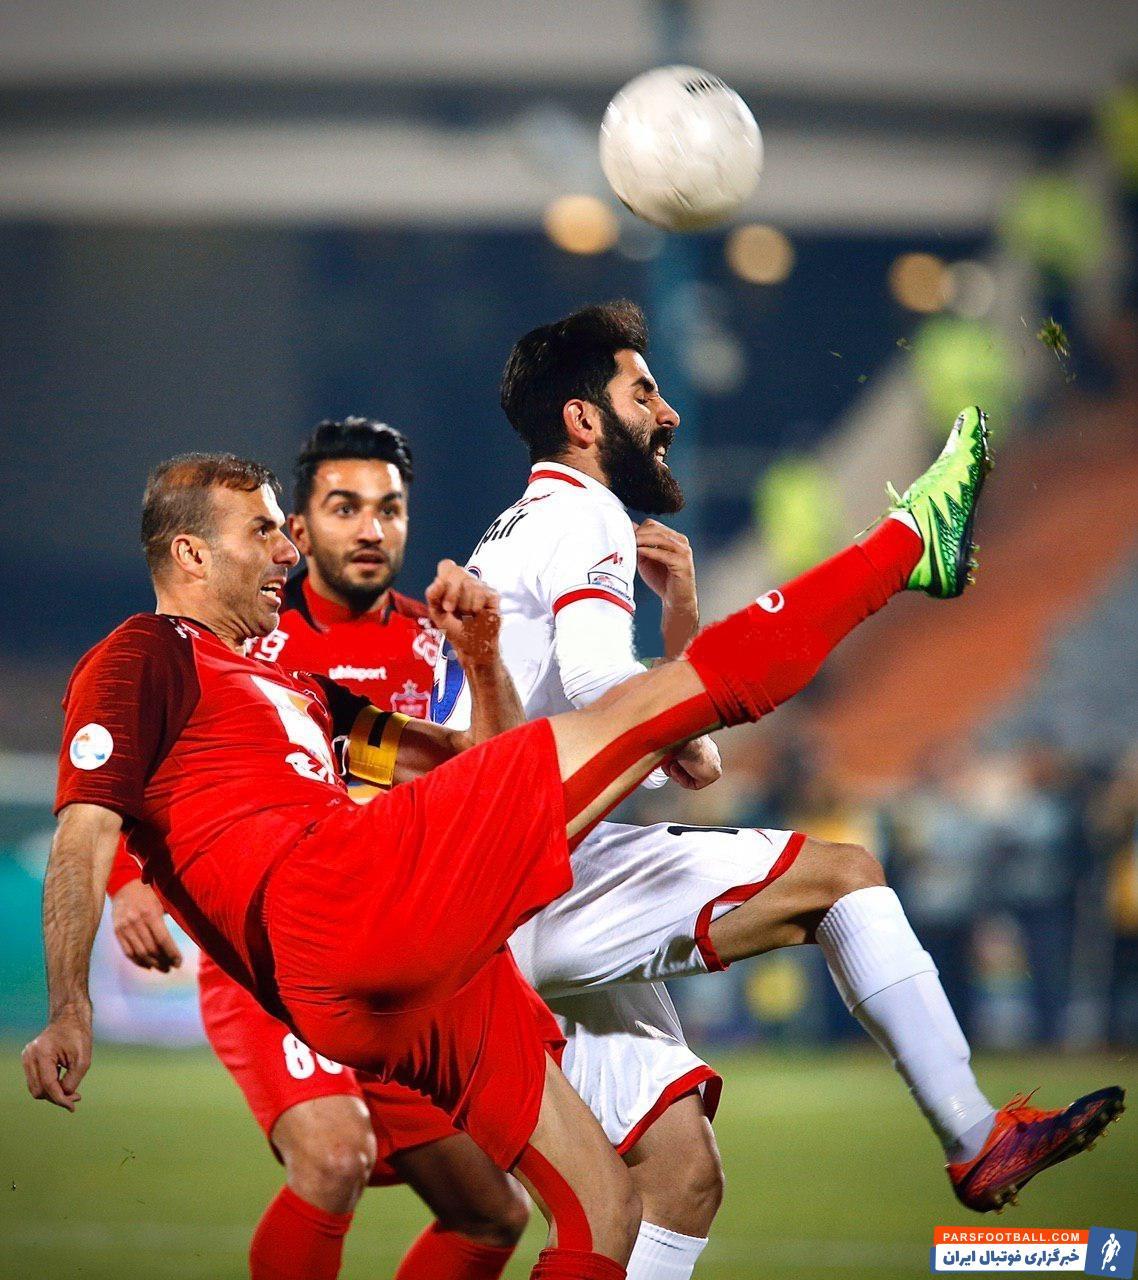 سیدجلال حسینی از وقتی به زمین آمد با هیجان ومدیریت خاصی که درون زمین دارد بازیکنان را به جلو فرا می خواند تا بتواند فشار را از روی خط دفاعی بردارد.